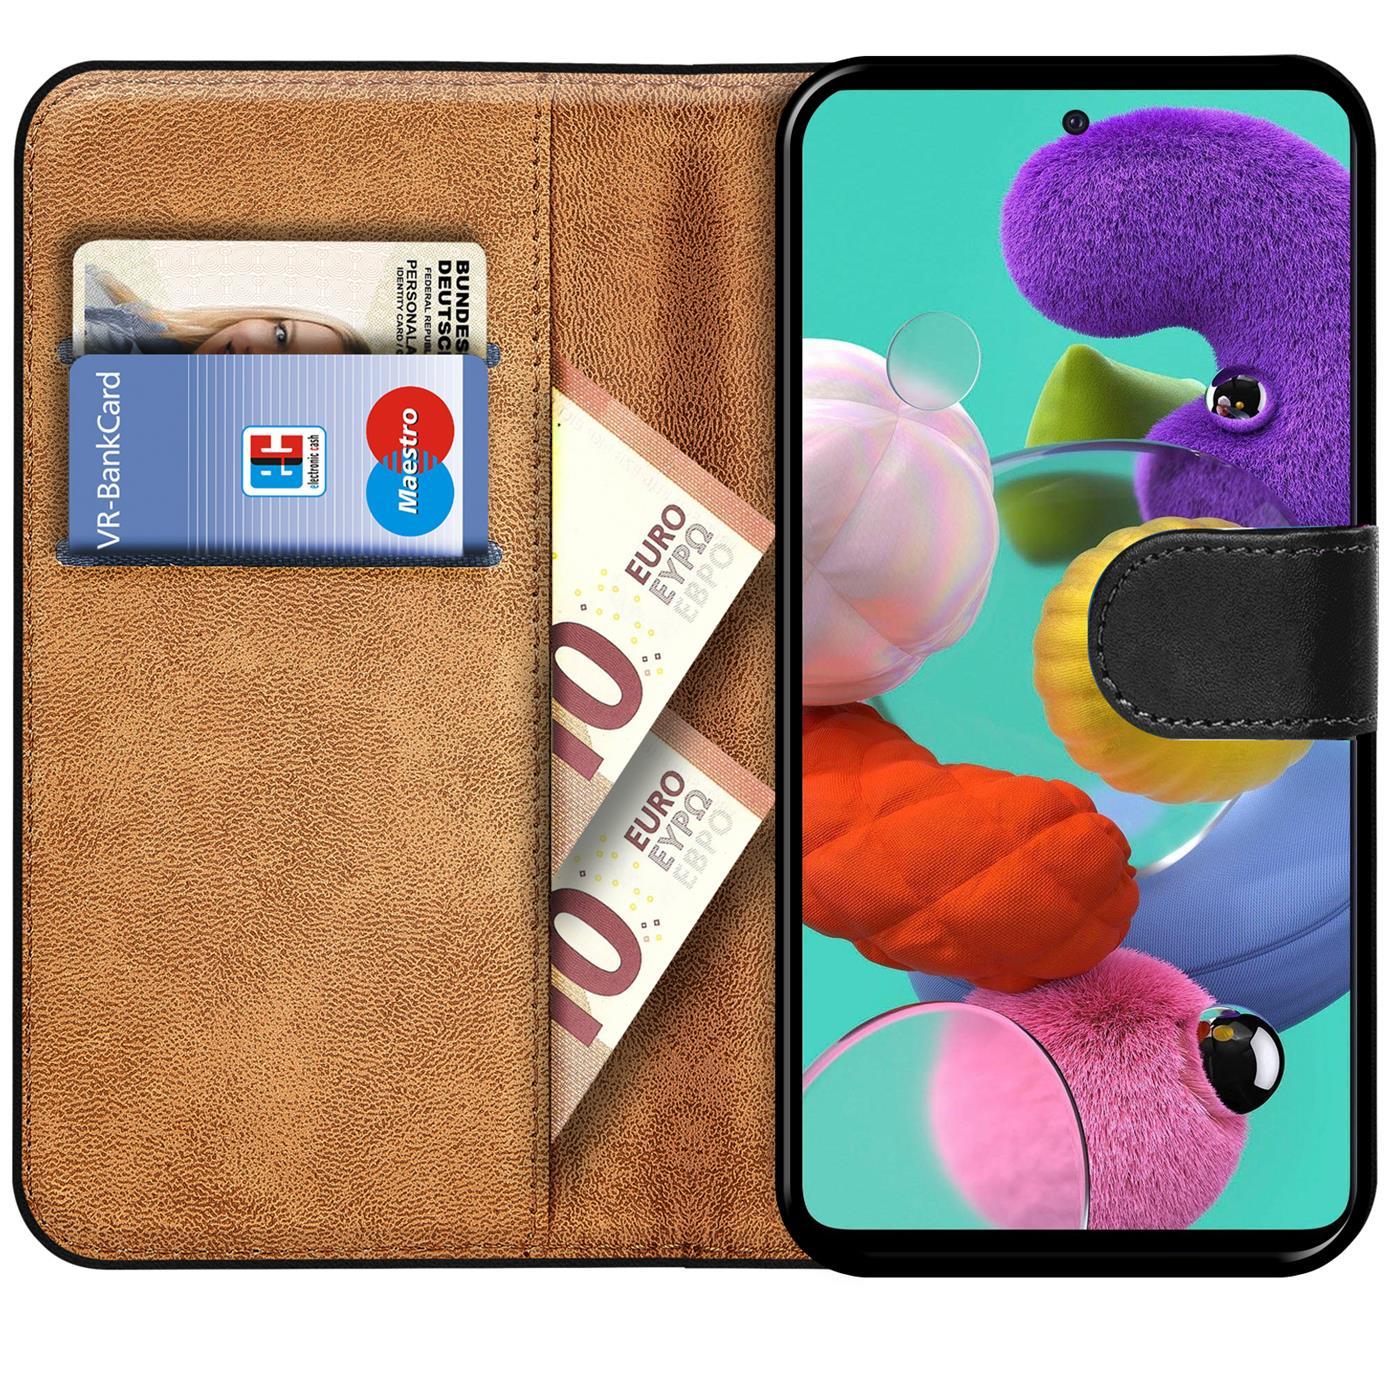 Schutz-Huelle-Samsung-Galaxy-Handy-Klapp-Tasche-Book-Flip-Case-Schutzhuelle-Etui Indexbild 17